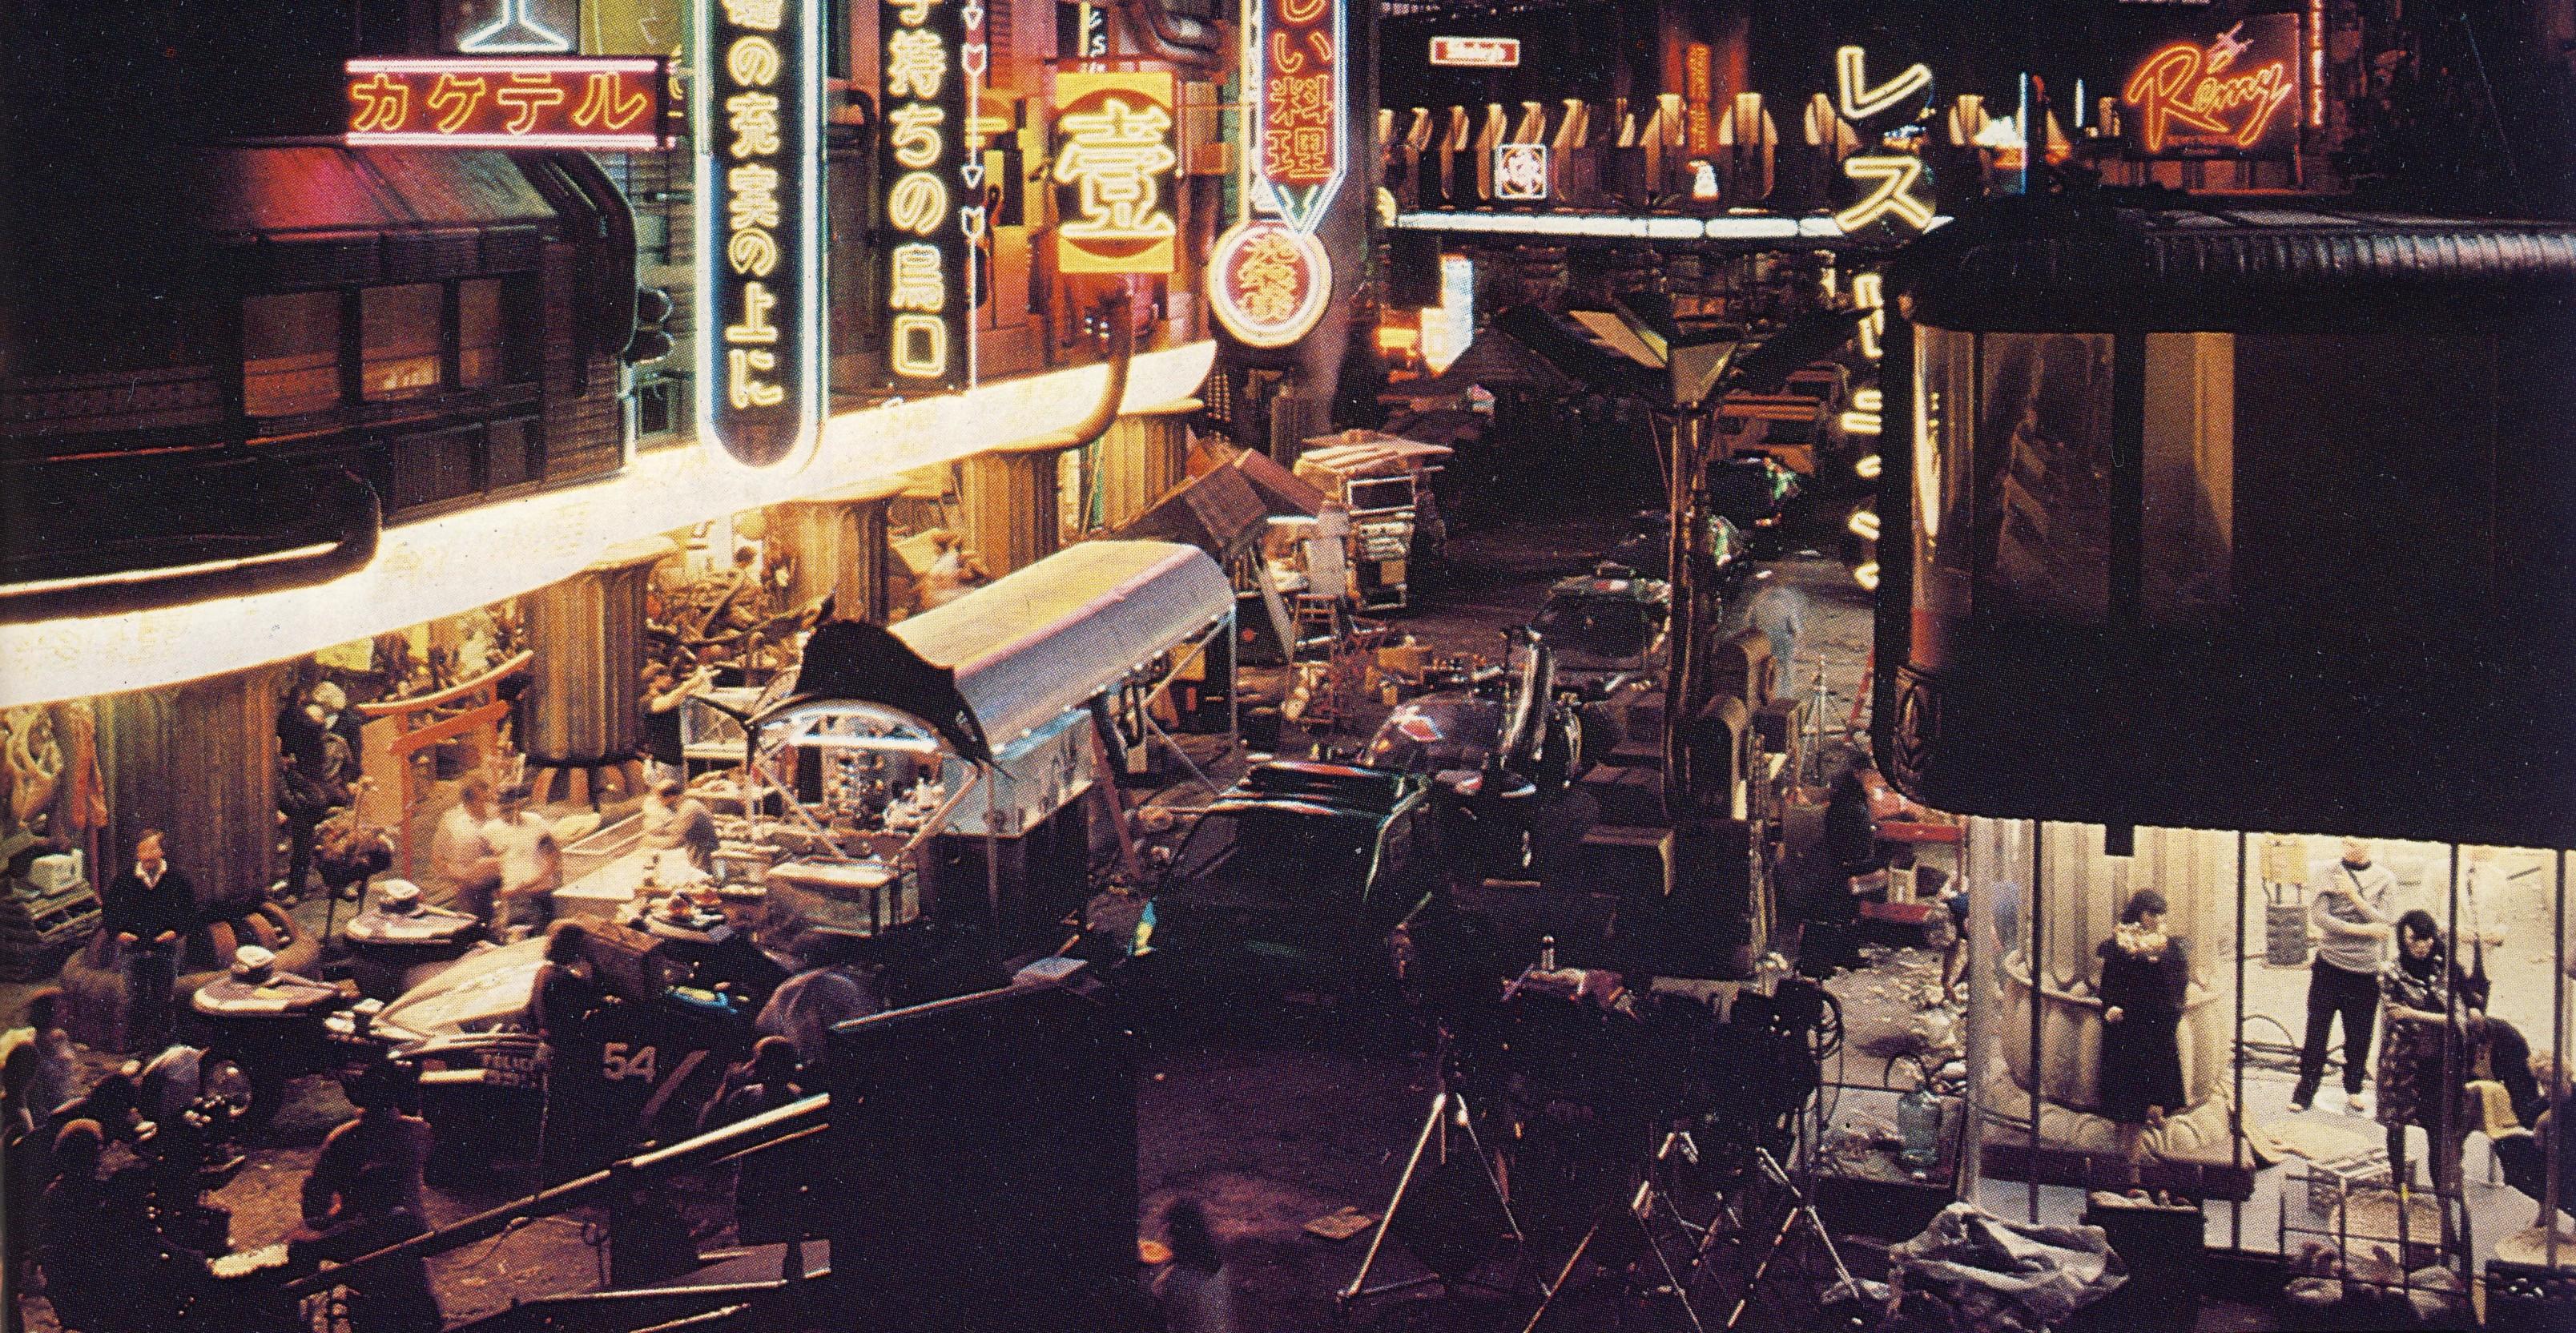 Blade Runner (1982) - Đầy lỗ hổng nhưng vẫn là một kiệt tác của thời đại - Ảnh 3.